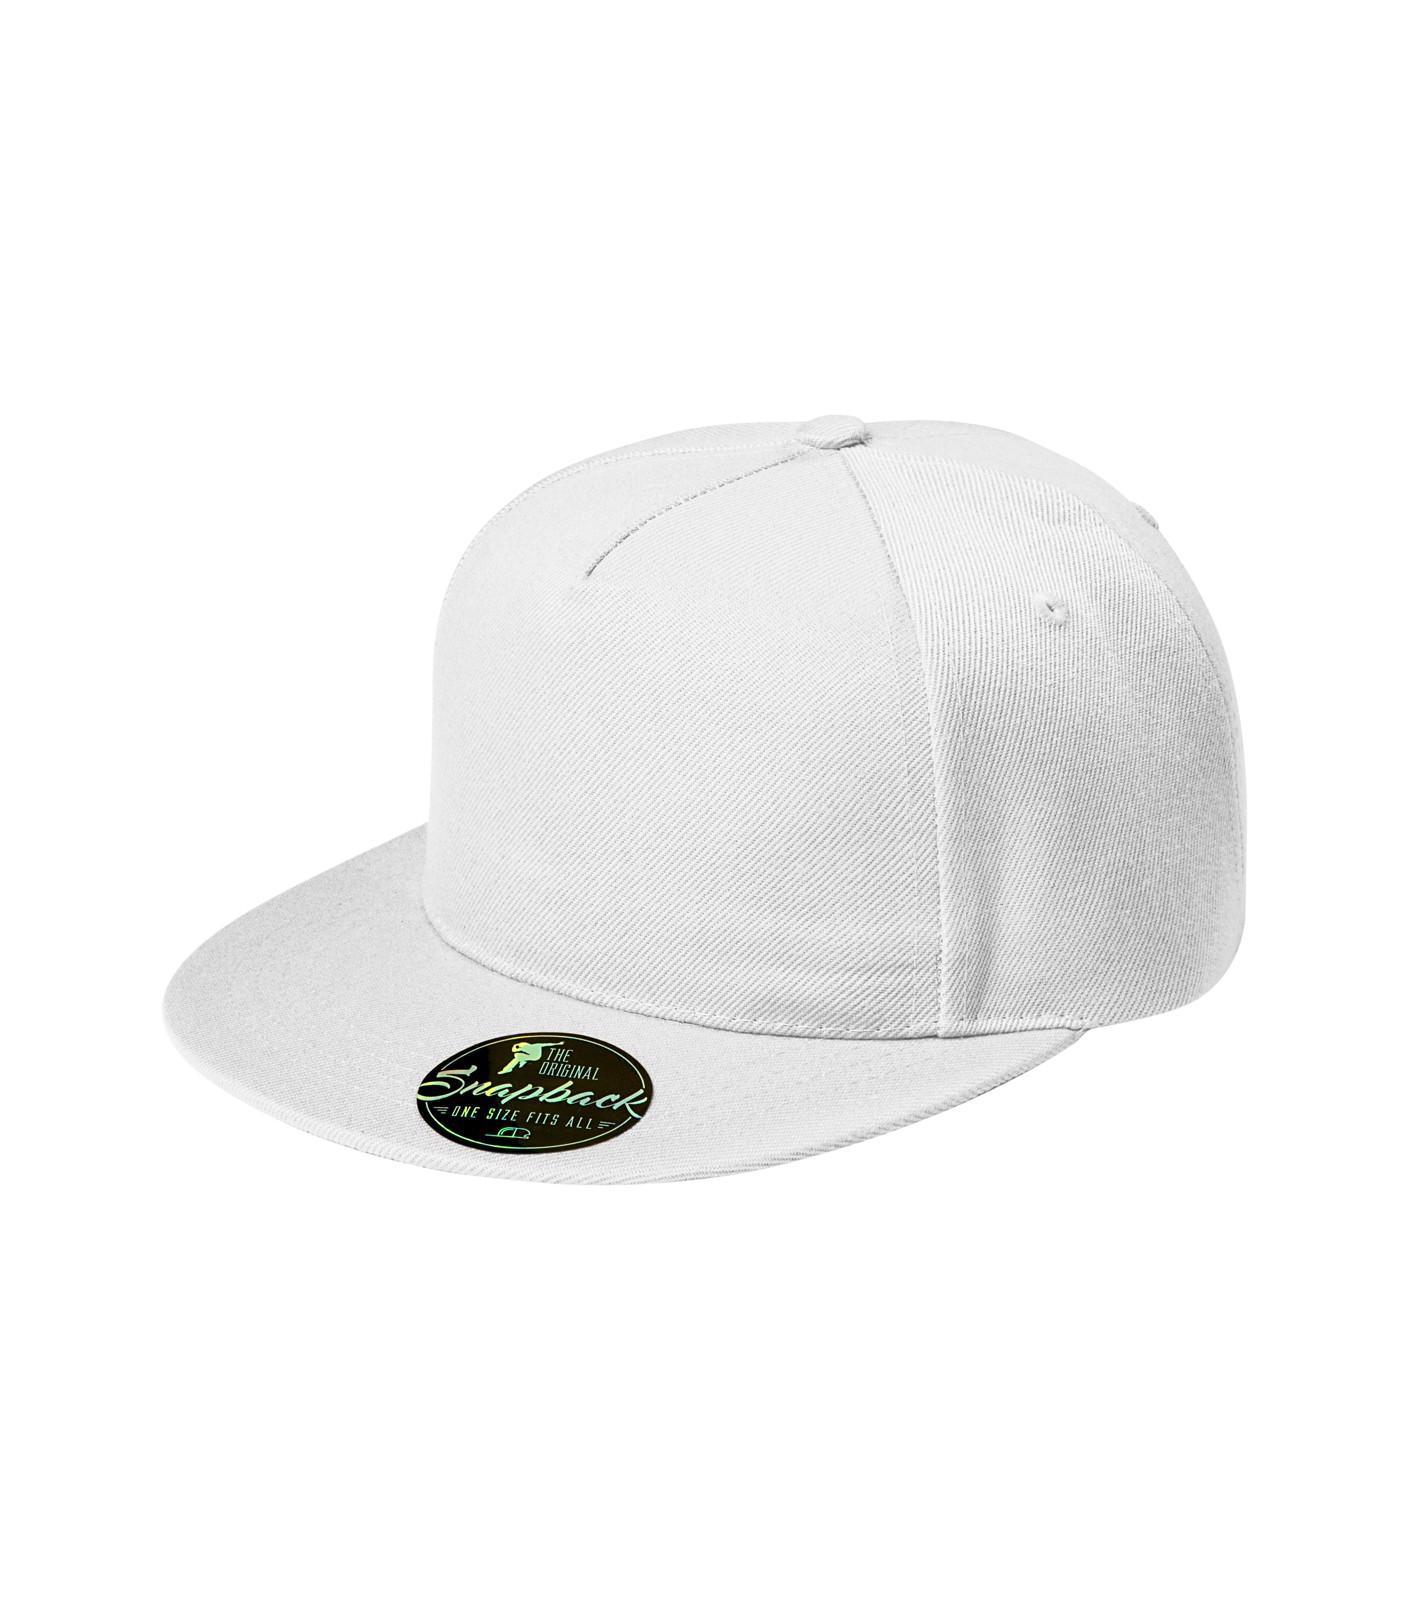 Cap unisex Malfini Rap 5P - White / adjustable